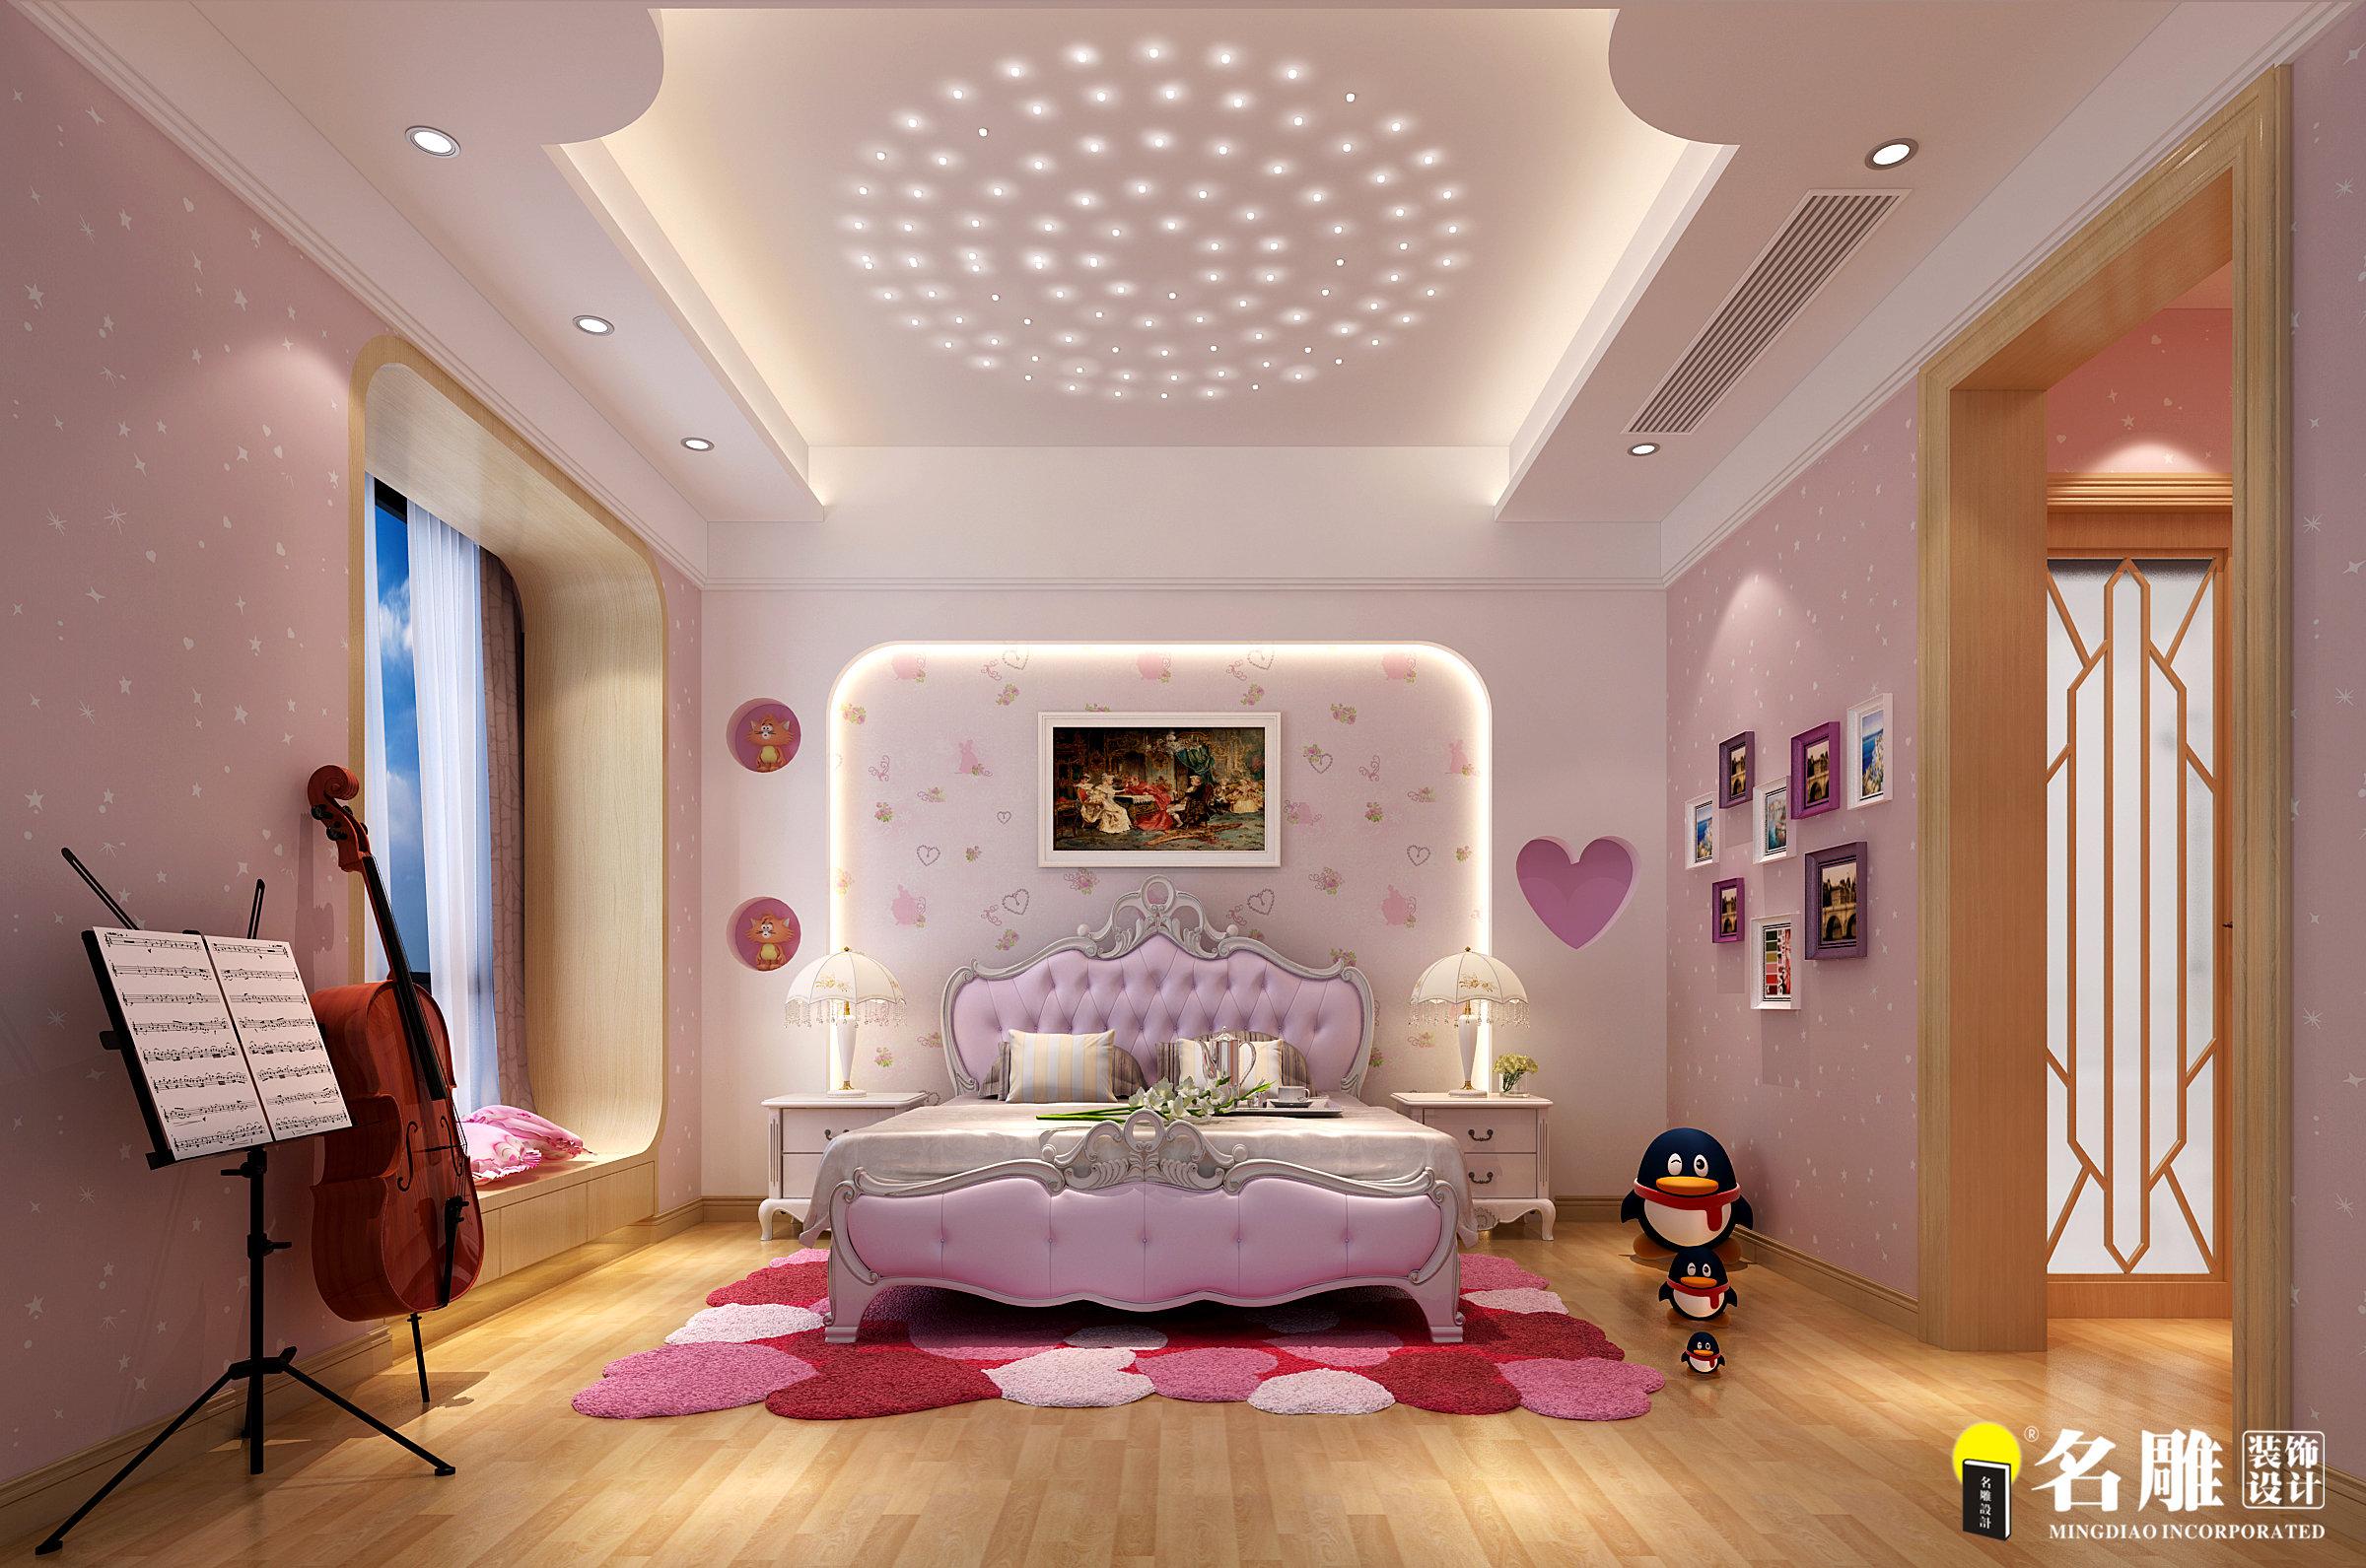 现代奢华 现代 平层 三代同堂房 保利国际 顶级住宅 公主房 儿童房图片来自名雕装饰设计在现代奢华演绎幸福三代同堂生活的分享